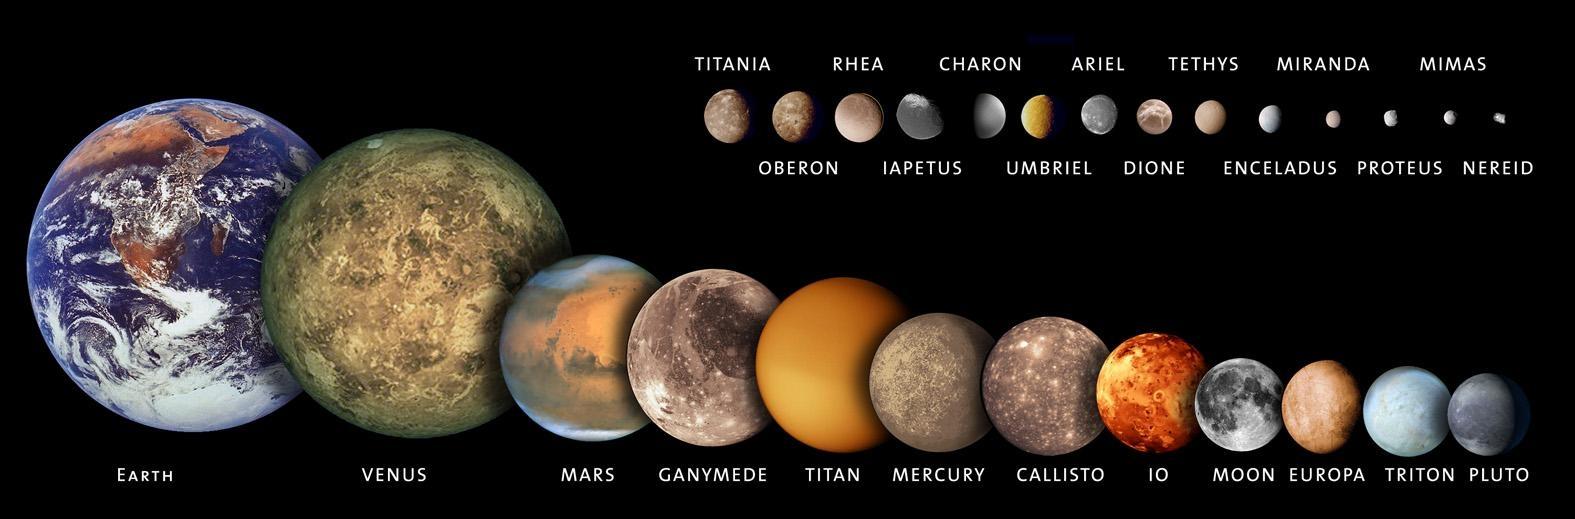 ведь, конце под влиянием какой планеты находится сейчас луна продаже